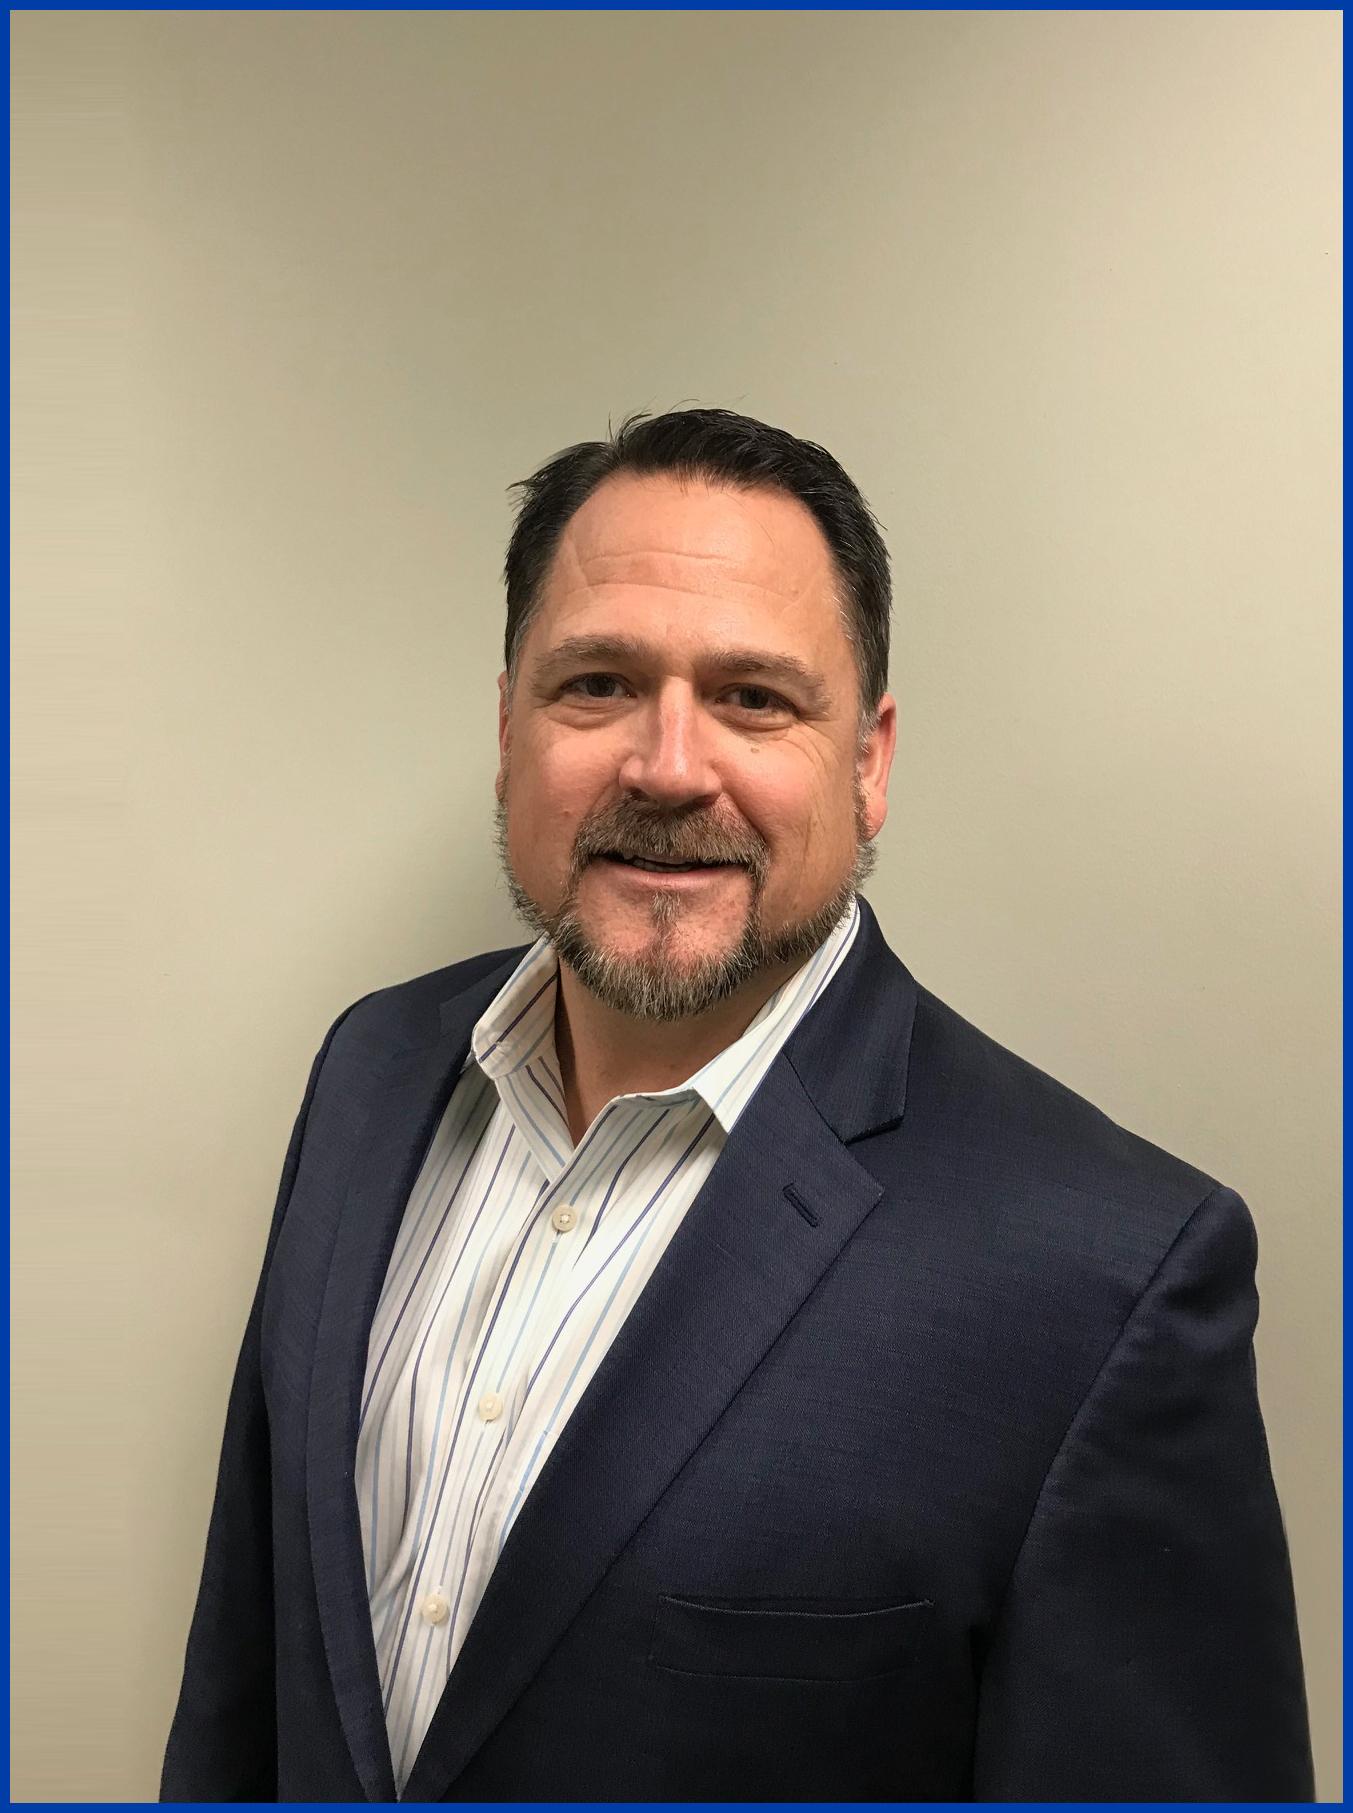 Daryl Meddings, regional manager